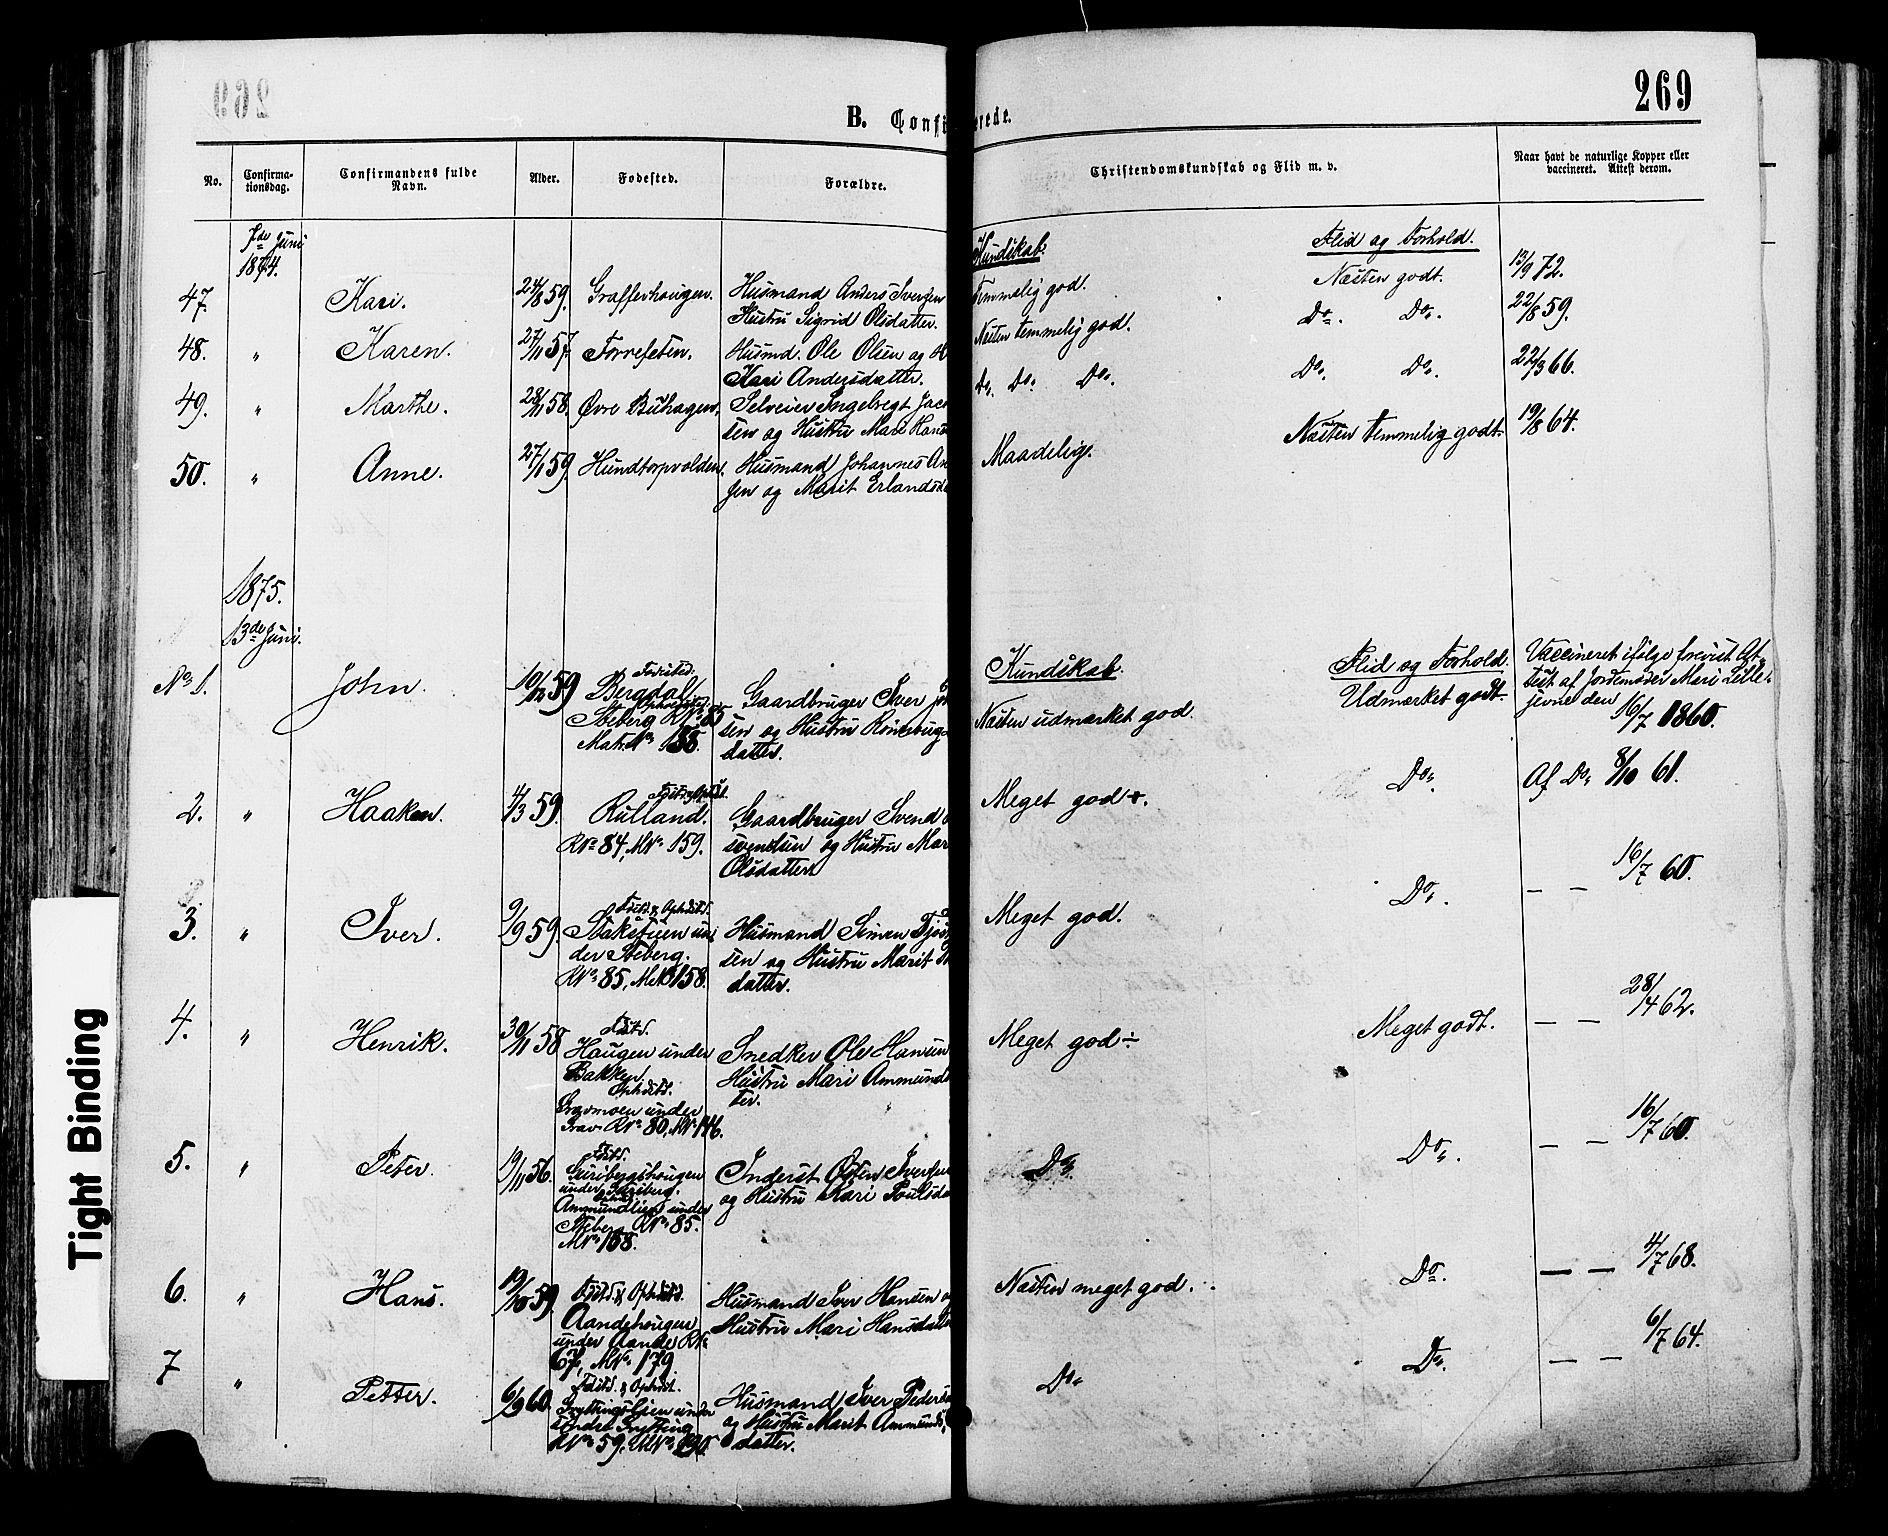 SAH, Sør-Fron prestekontor, H/Ha/Haa/L0002: Ministerialbok nr. 2, 1864-1880, s. 269